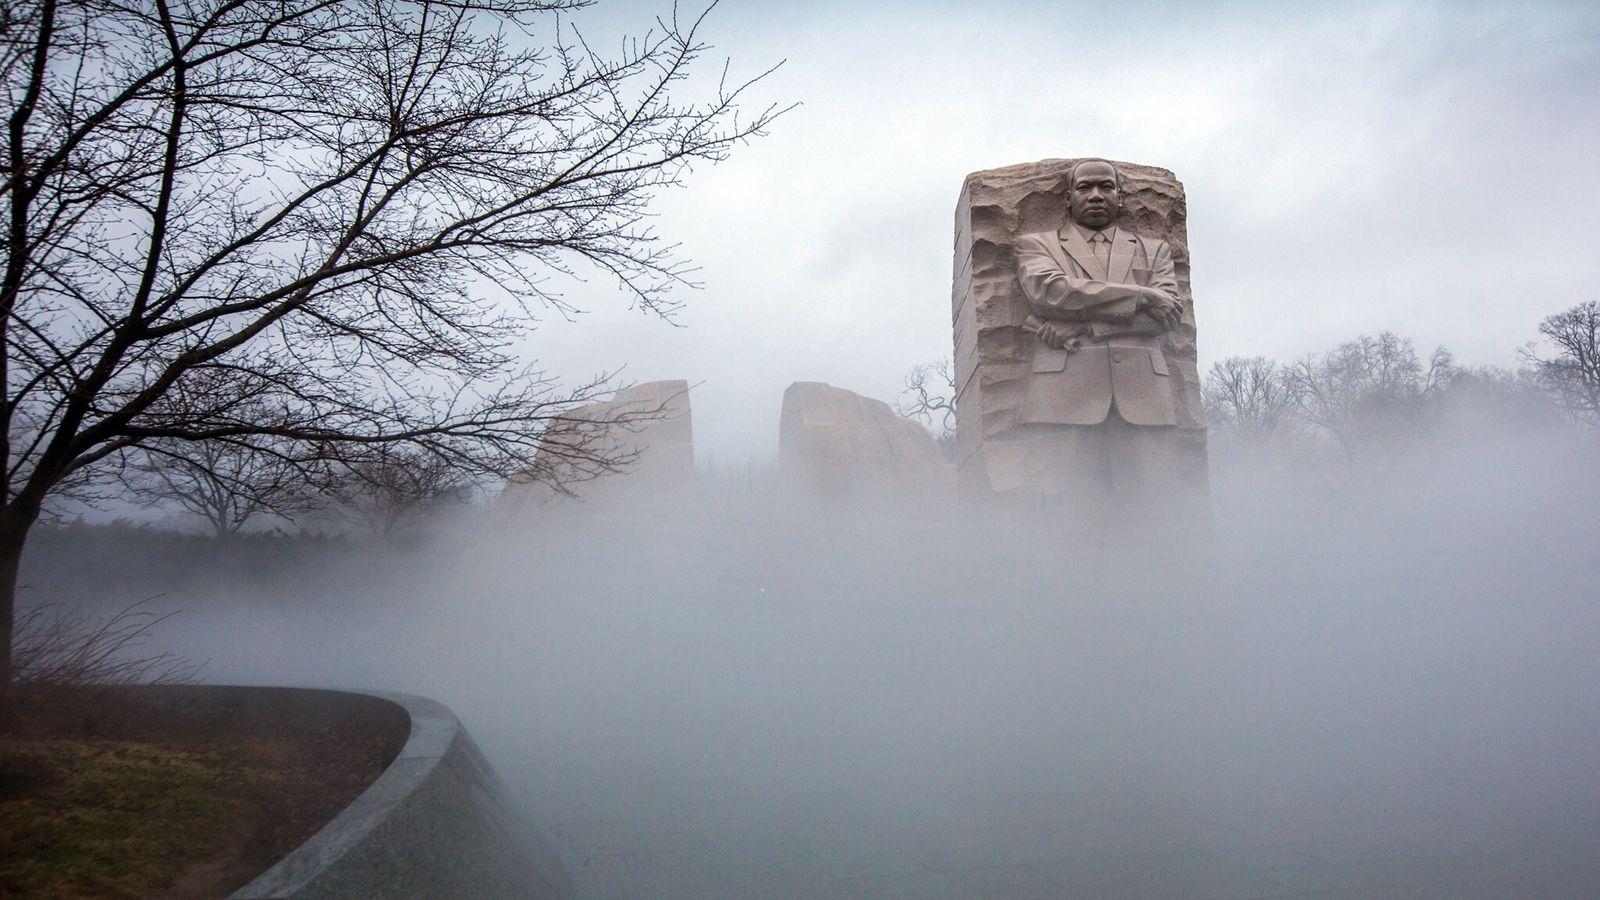 Névoa envolve o Memorial Martin Luther King Jr. em Washington, em 12 de janeiro de 2018, ...